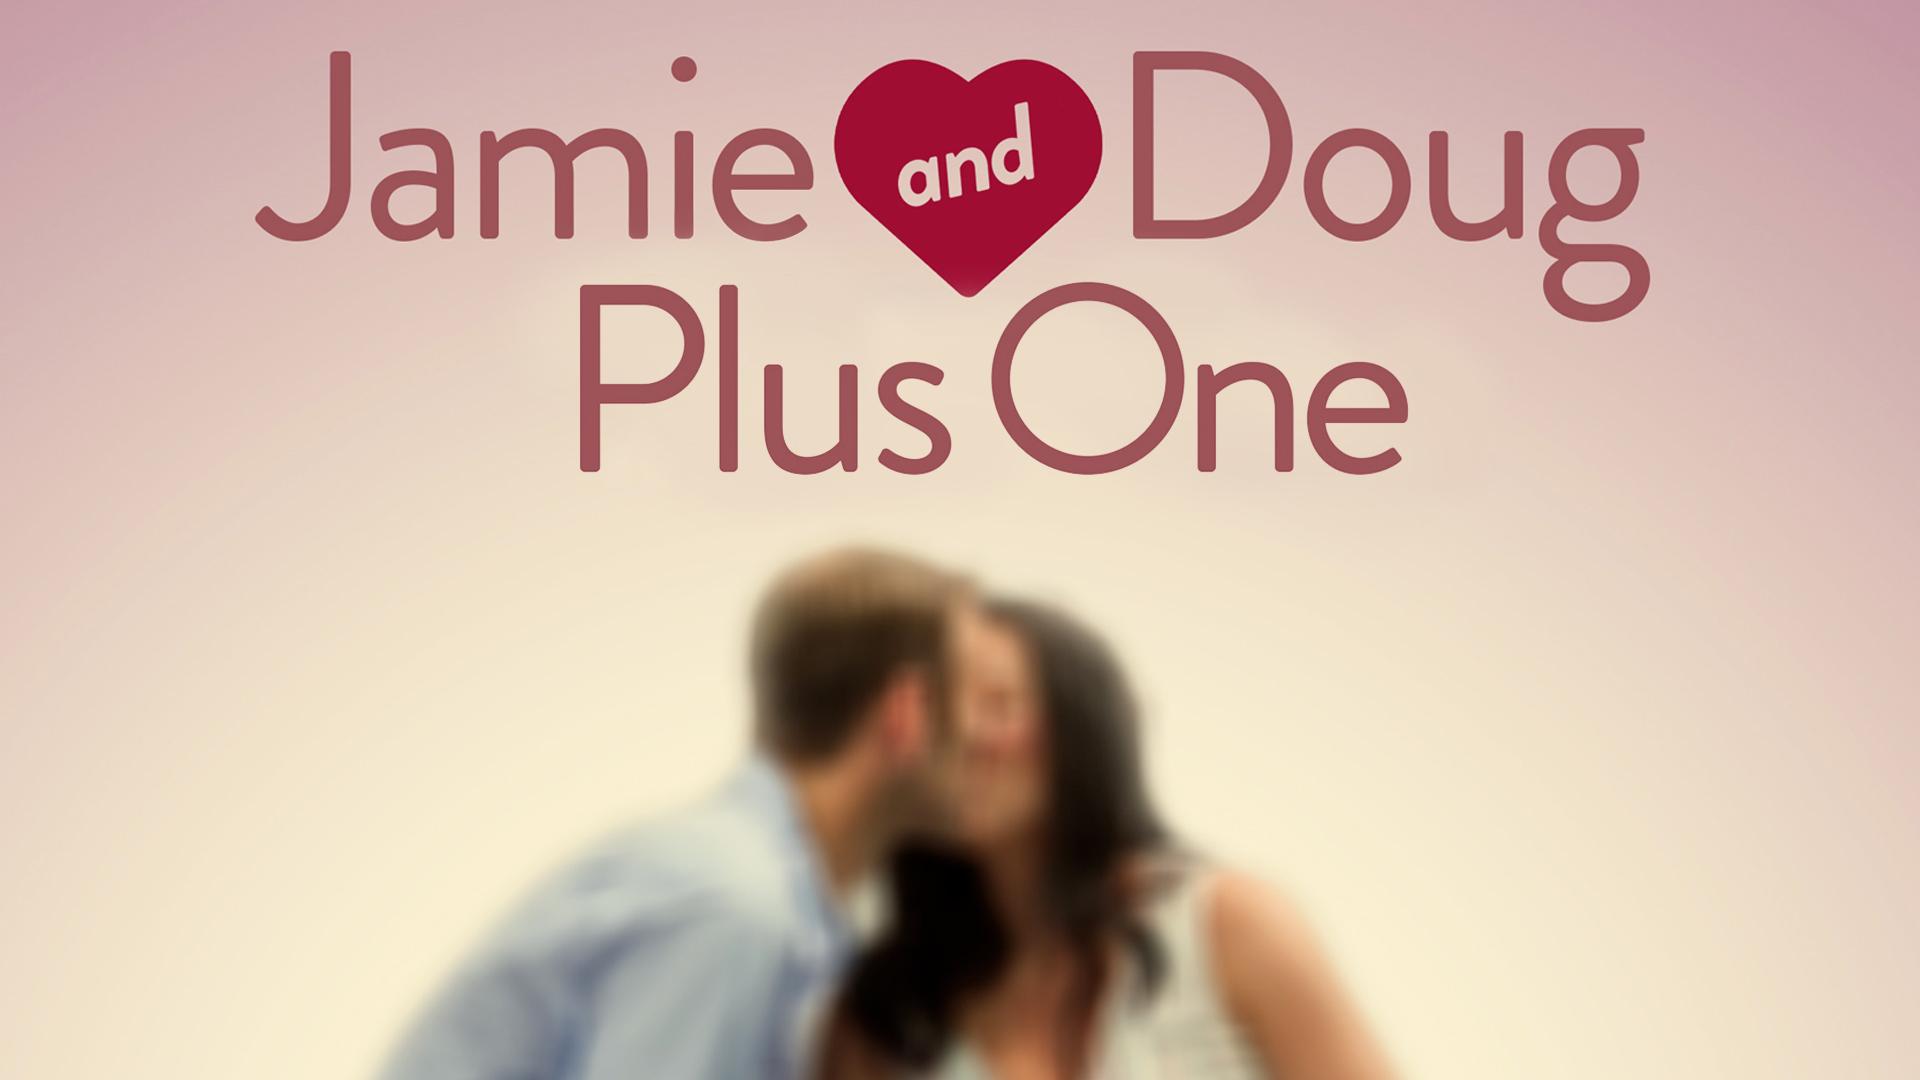 Jamie and Doug Plus One Season 1